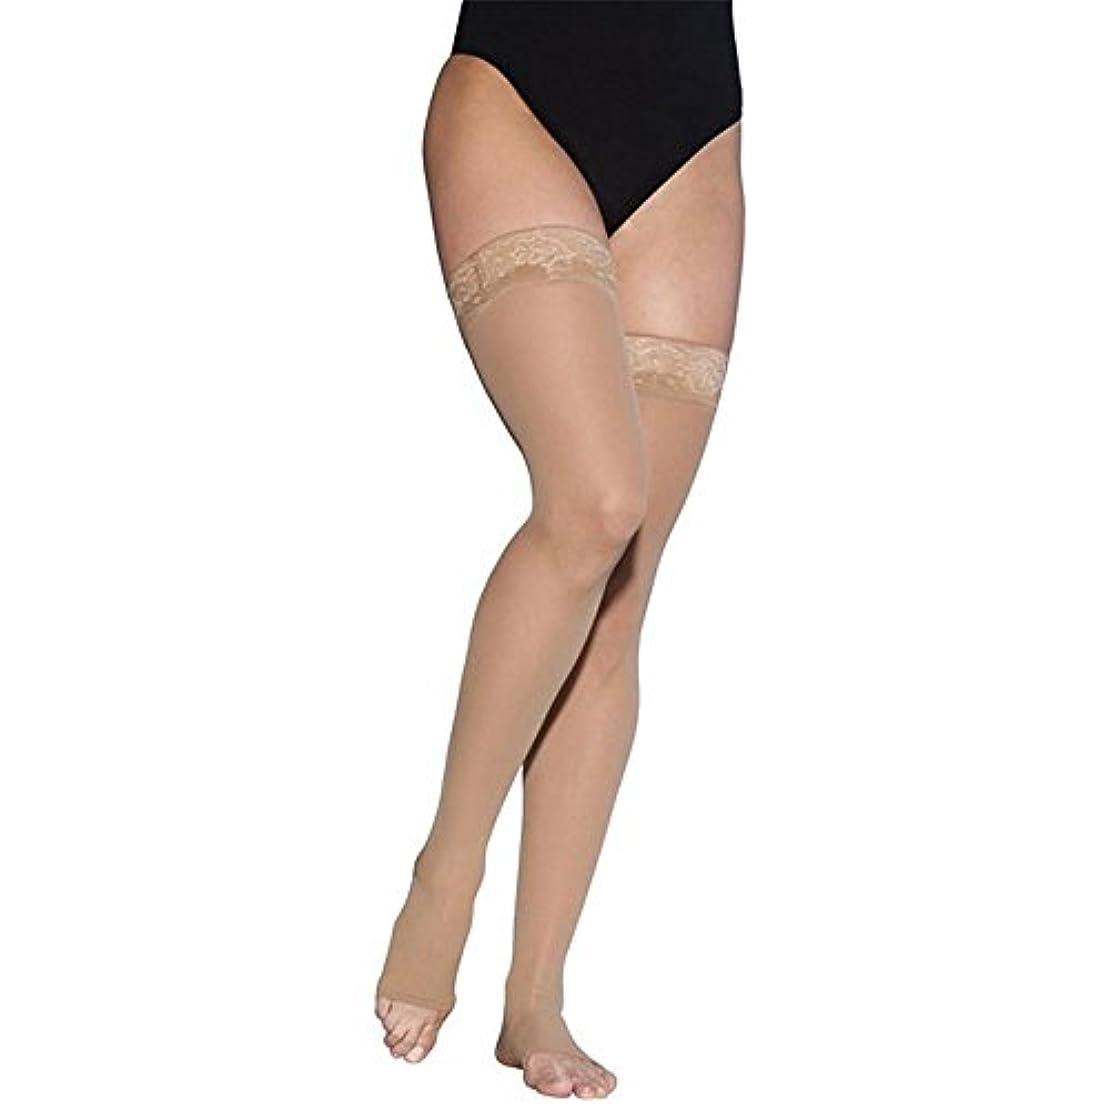 アーティファクトオピエート絡まるSigvaris EverSheer 781NMSO33 15-20 Mmhg Open Toe Medium Short Thigh Hosiery For Women, Natural by Sigvaris